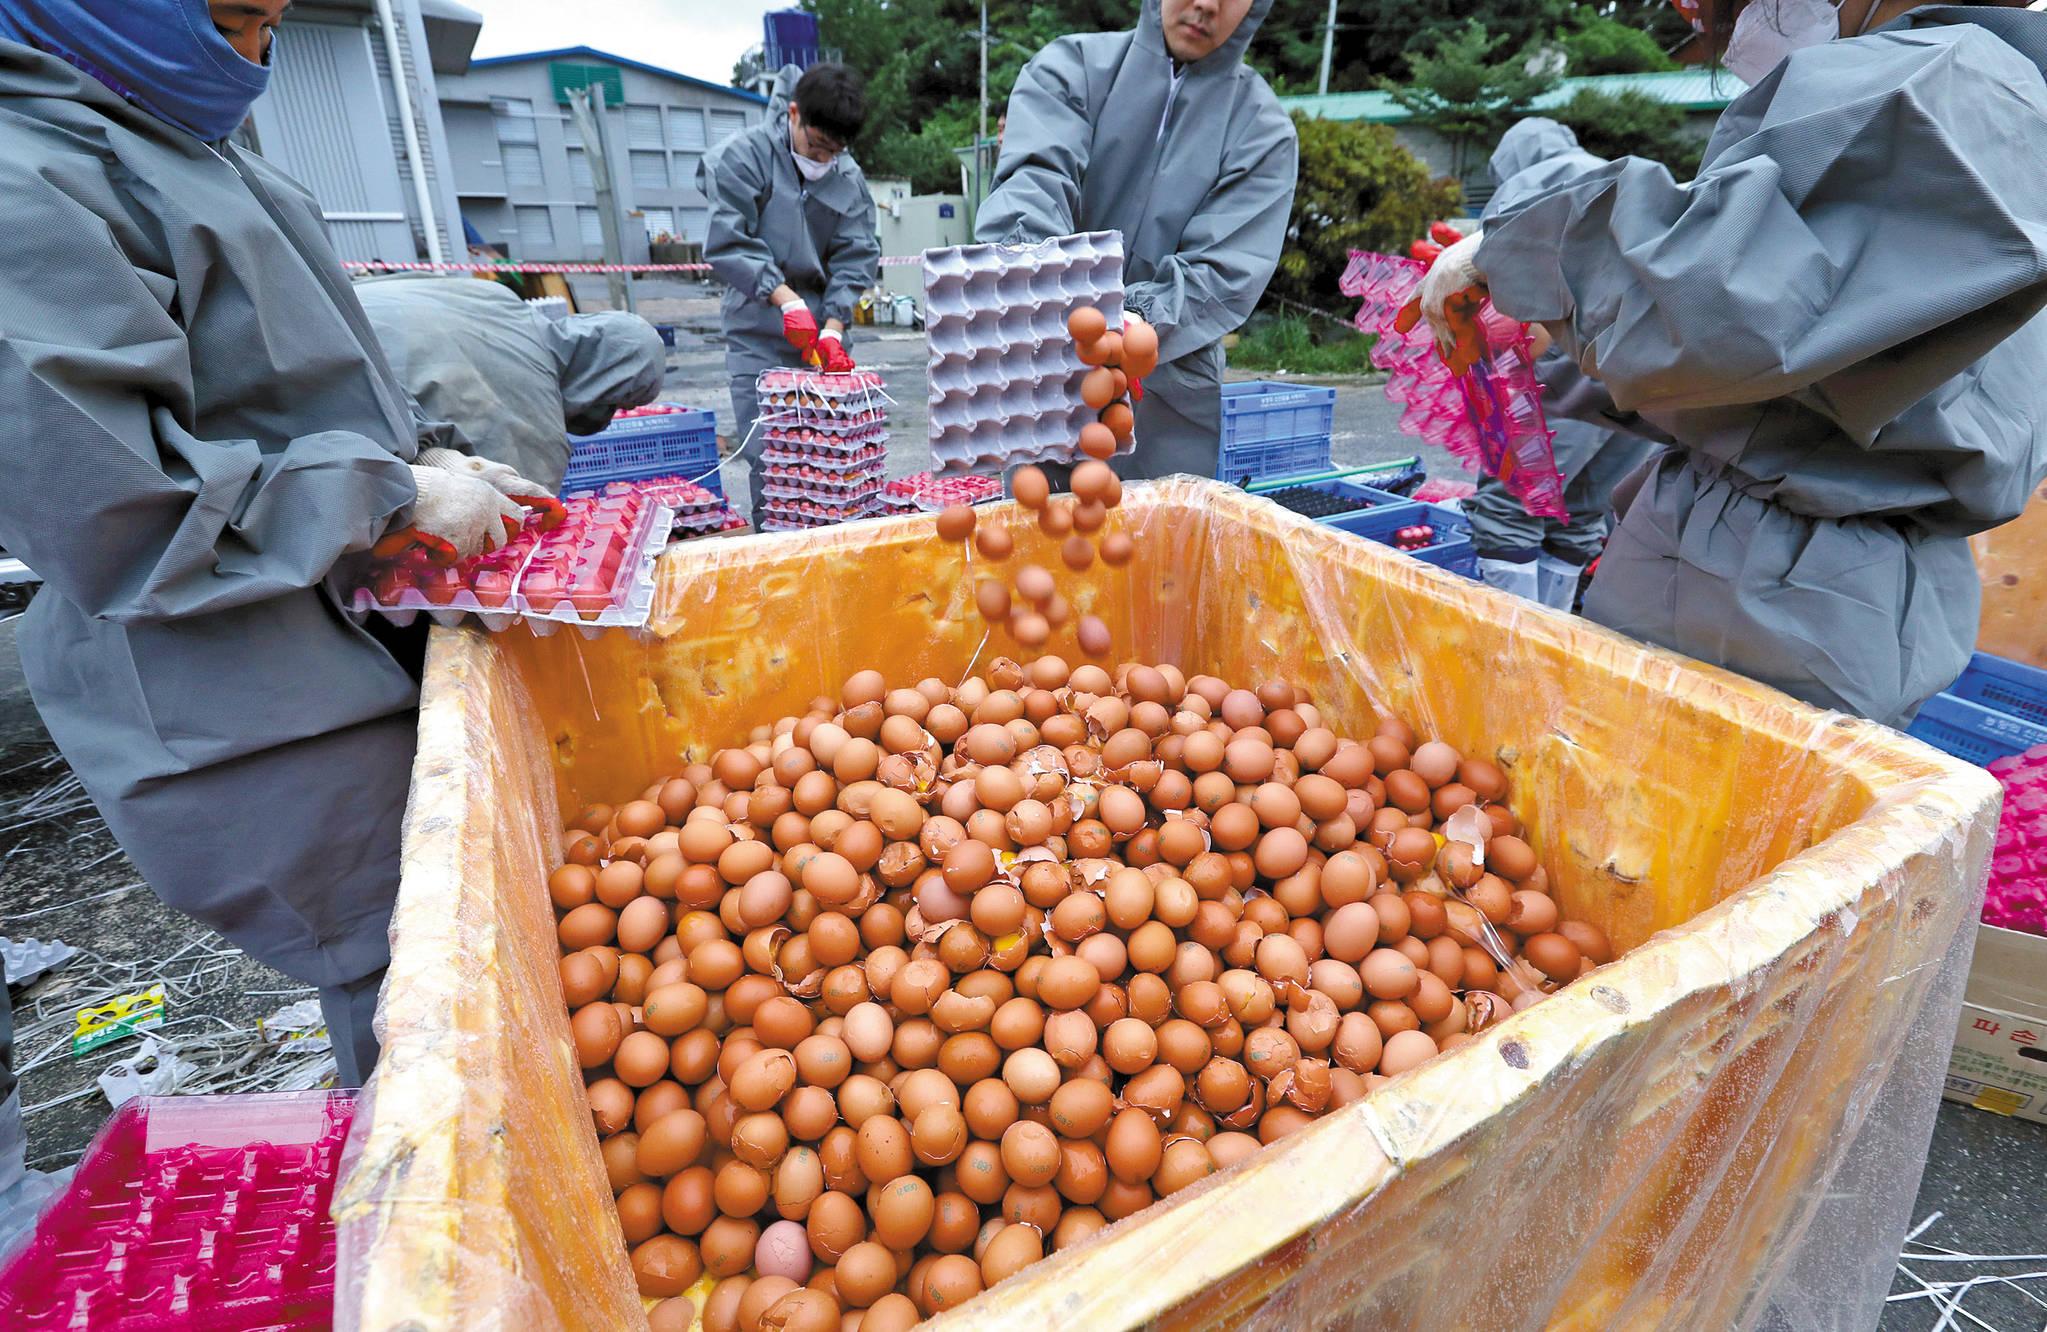 부적합 판정을 받은 계란들이 폐기되고 있다. [사진 중앙포토]